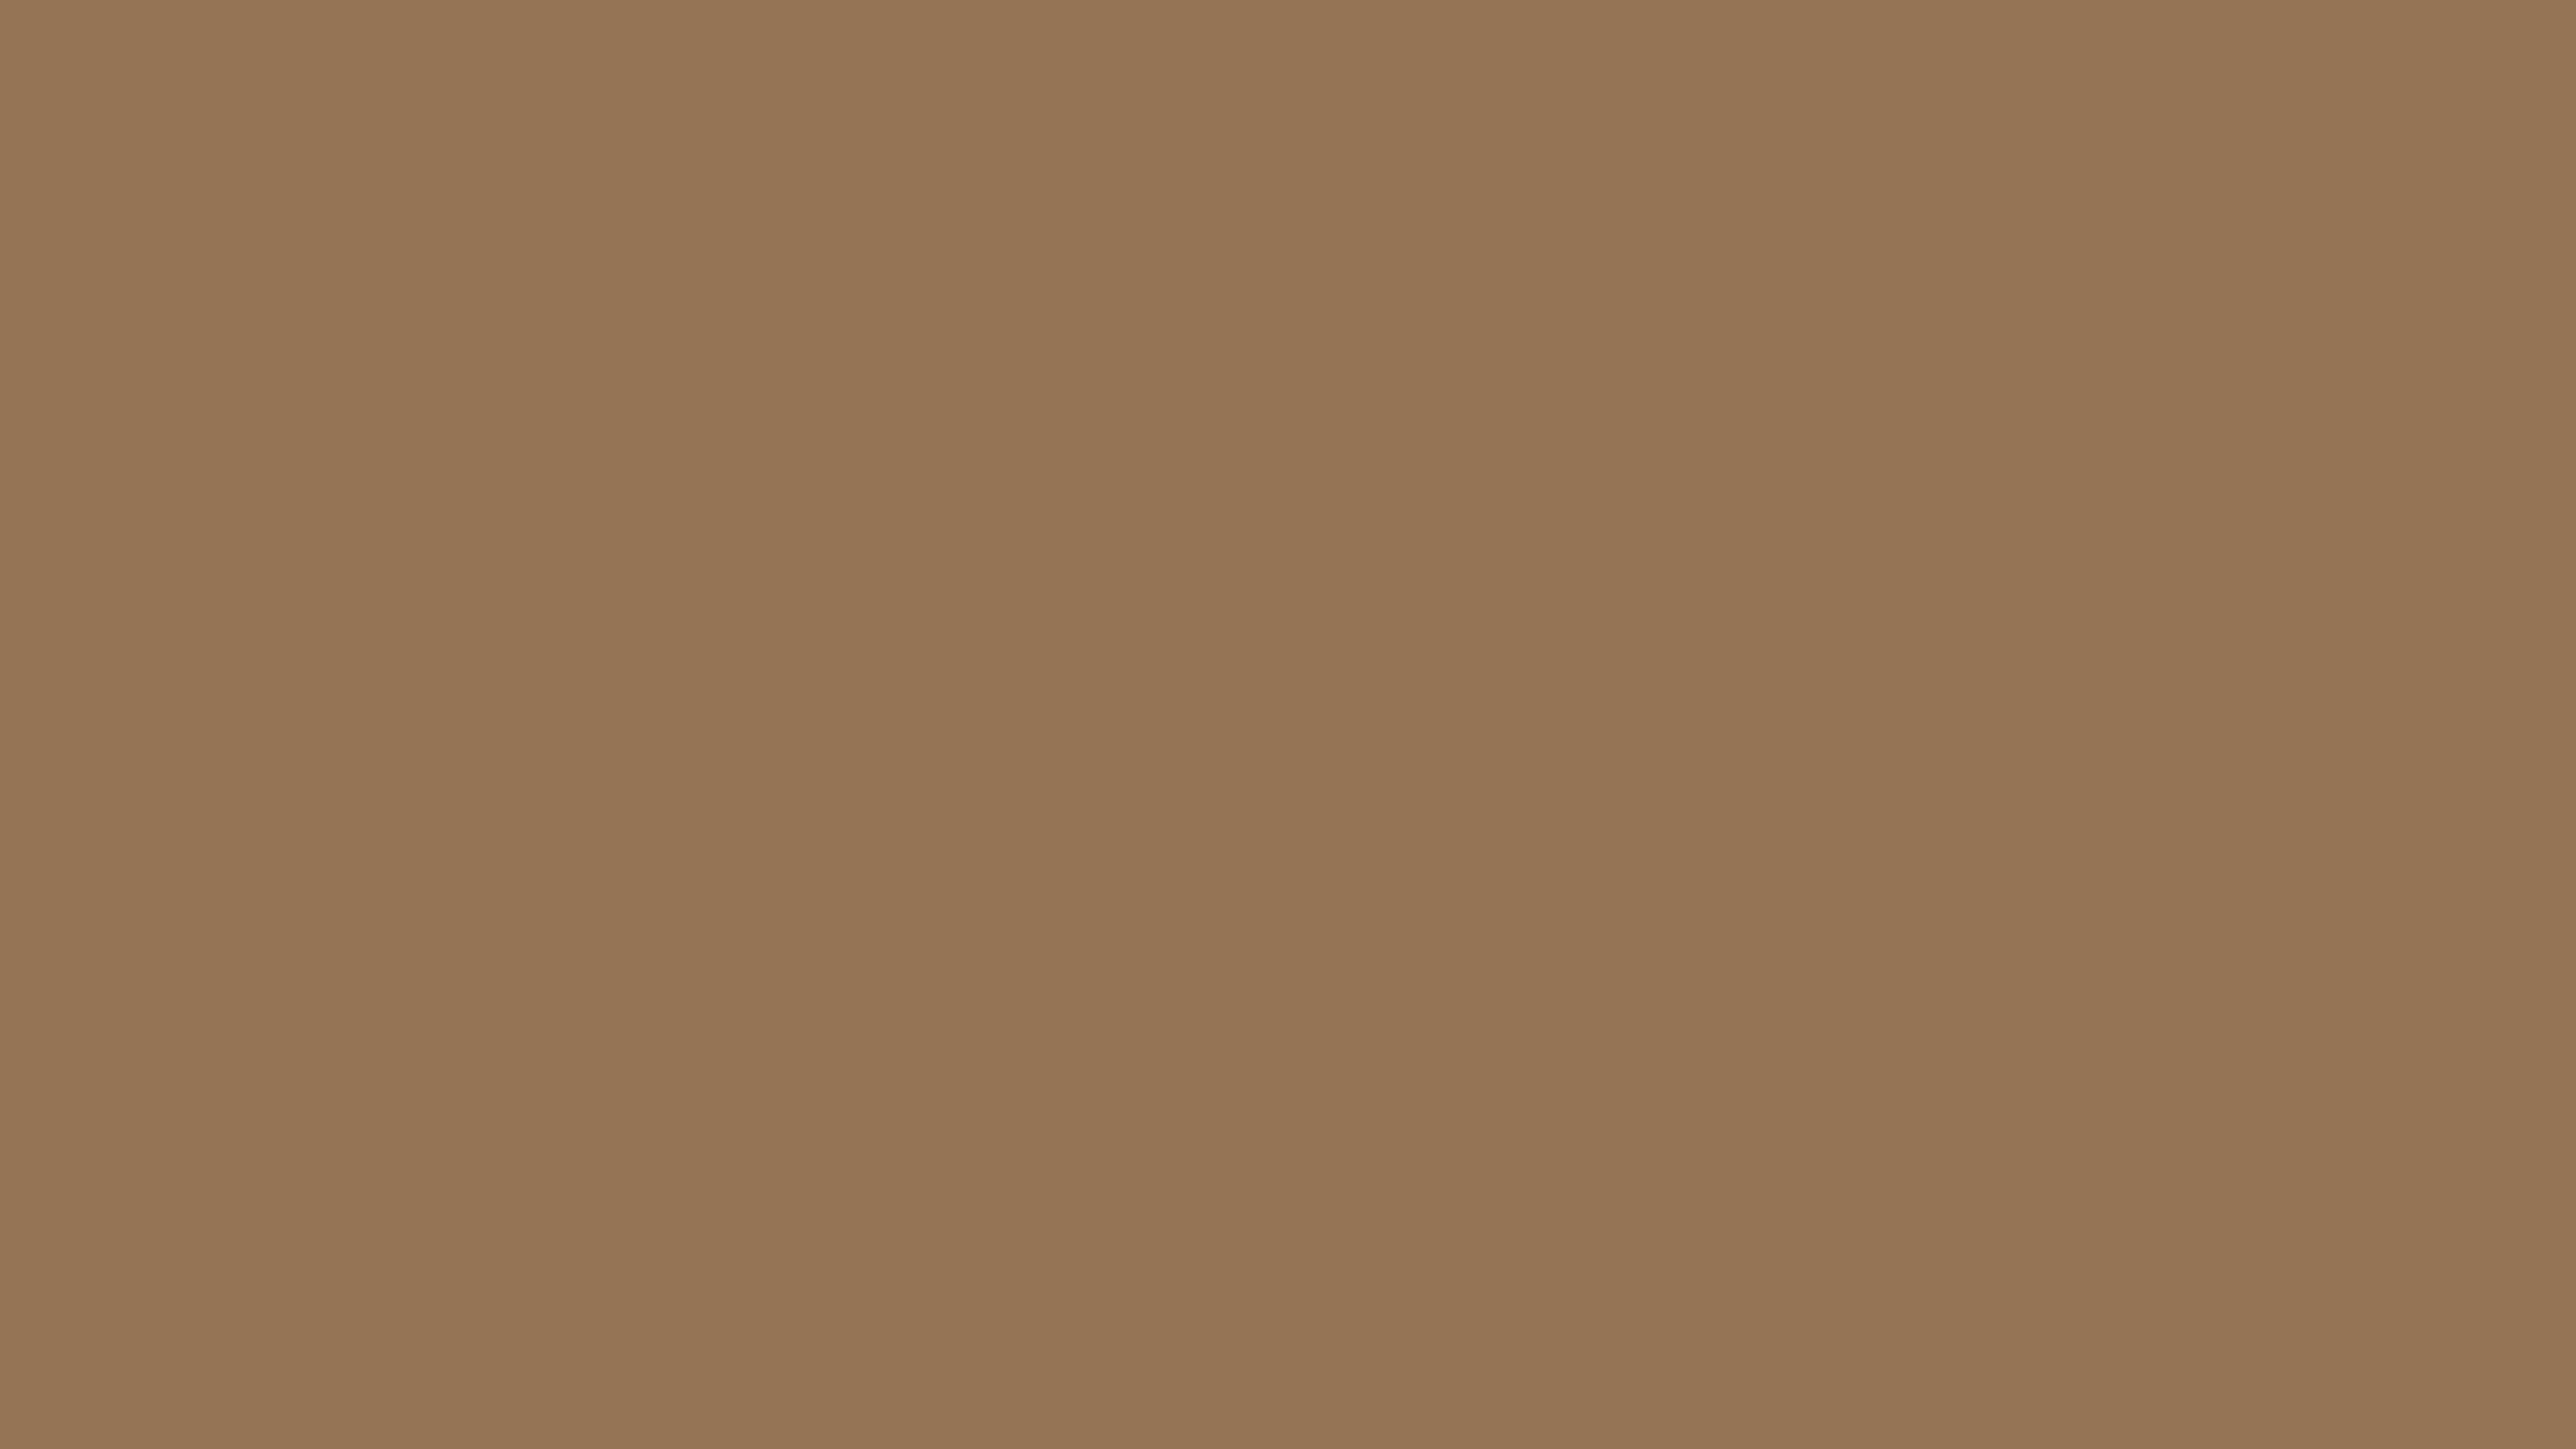 4096x2304 Liver Chestnut Solid Color Background